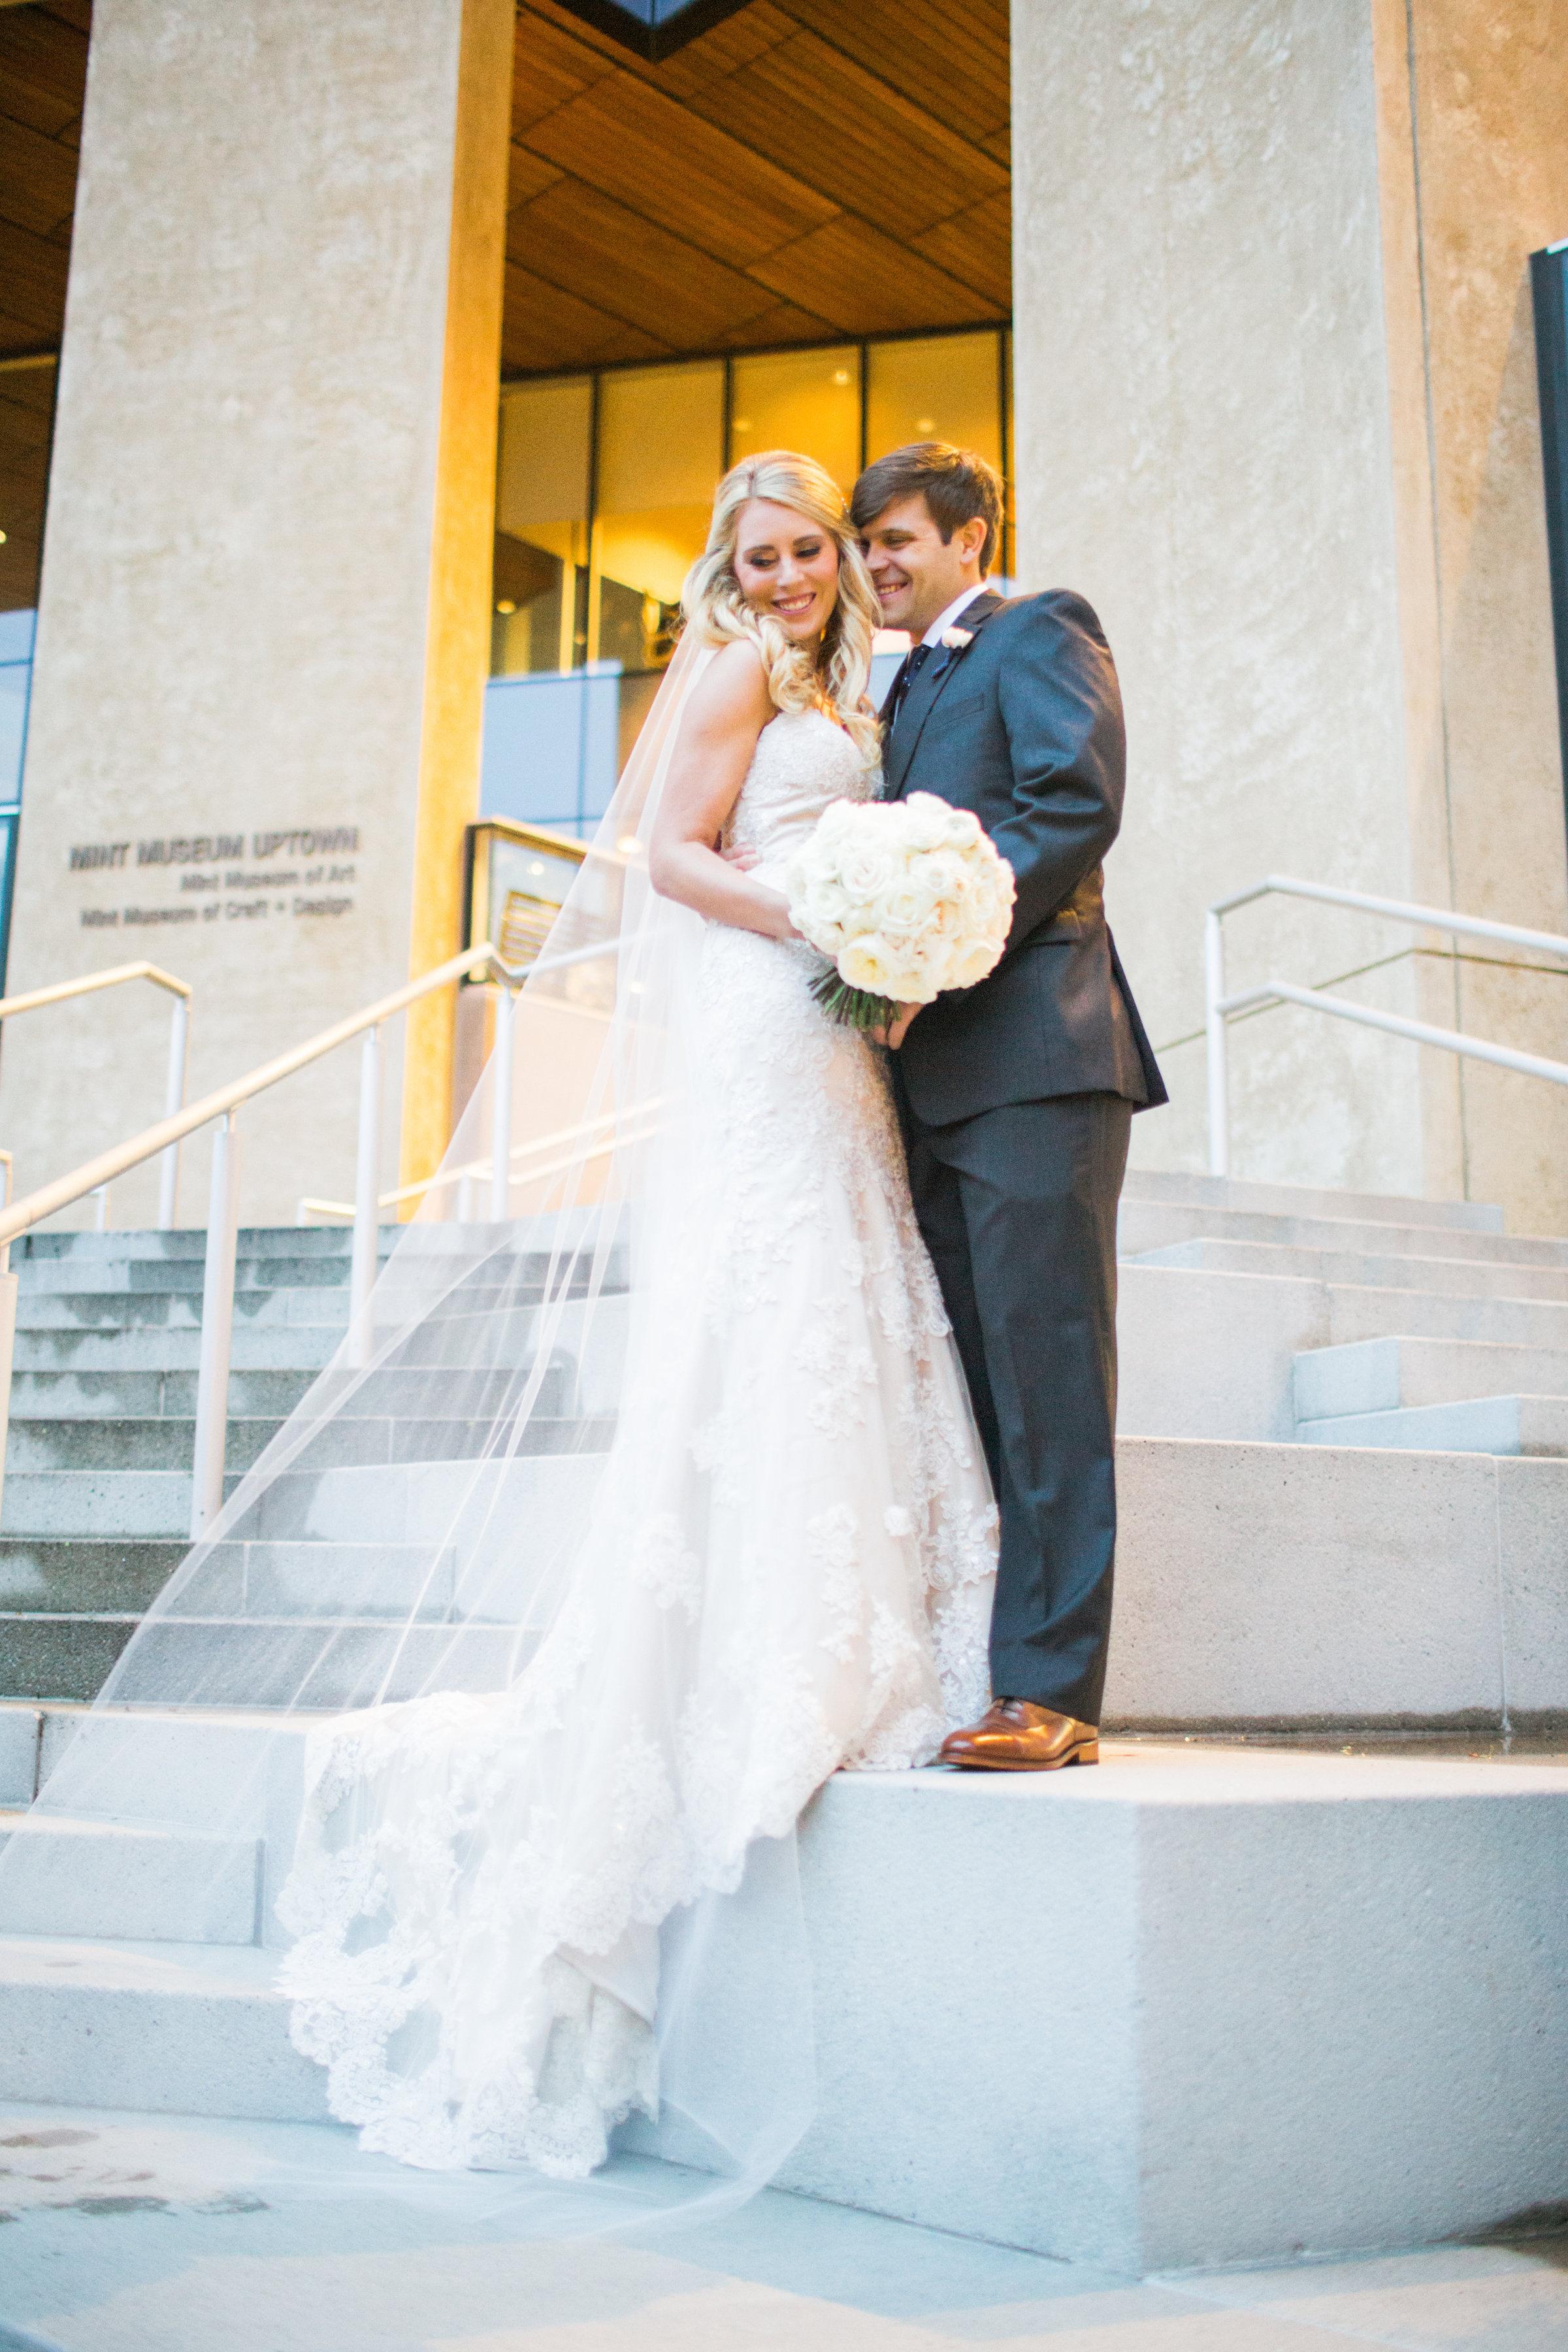 Brittani&TaylorPortraits-5.jpg